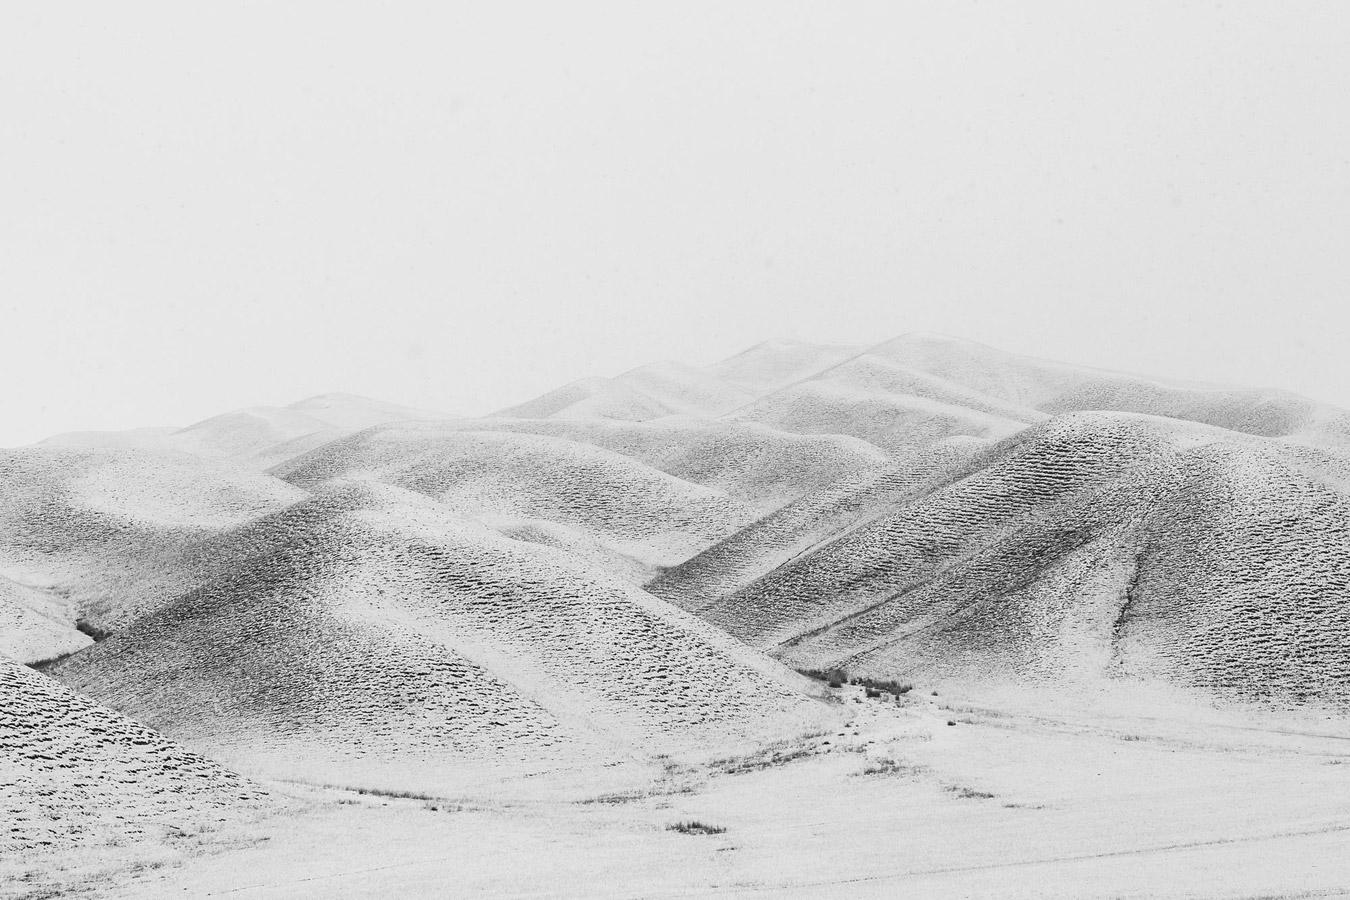 Фредерик Байккс, Бельгия / Frederik Buyckx, Belgium, Победитель в категории «Пейзаж» (профессионал), Фотограф года, Фотоконкурс Sony World Photography Awards